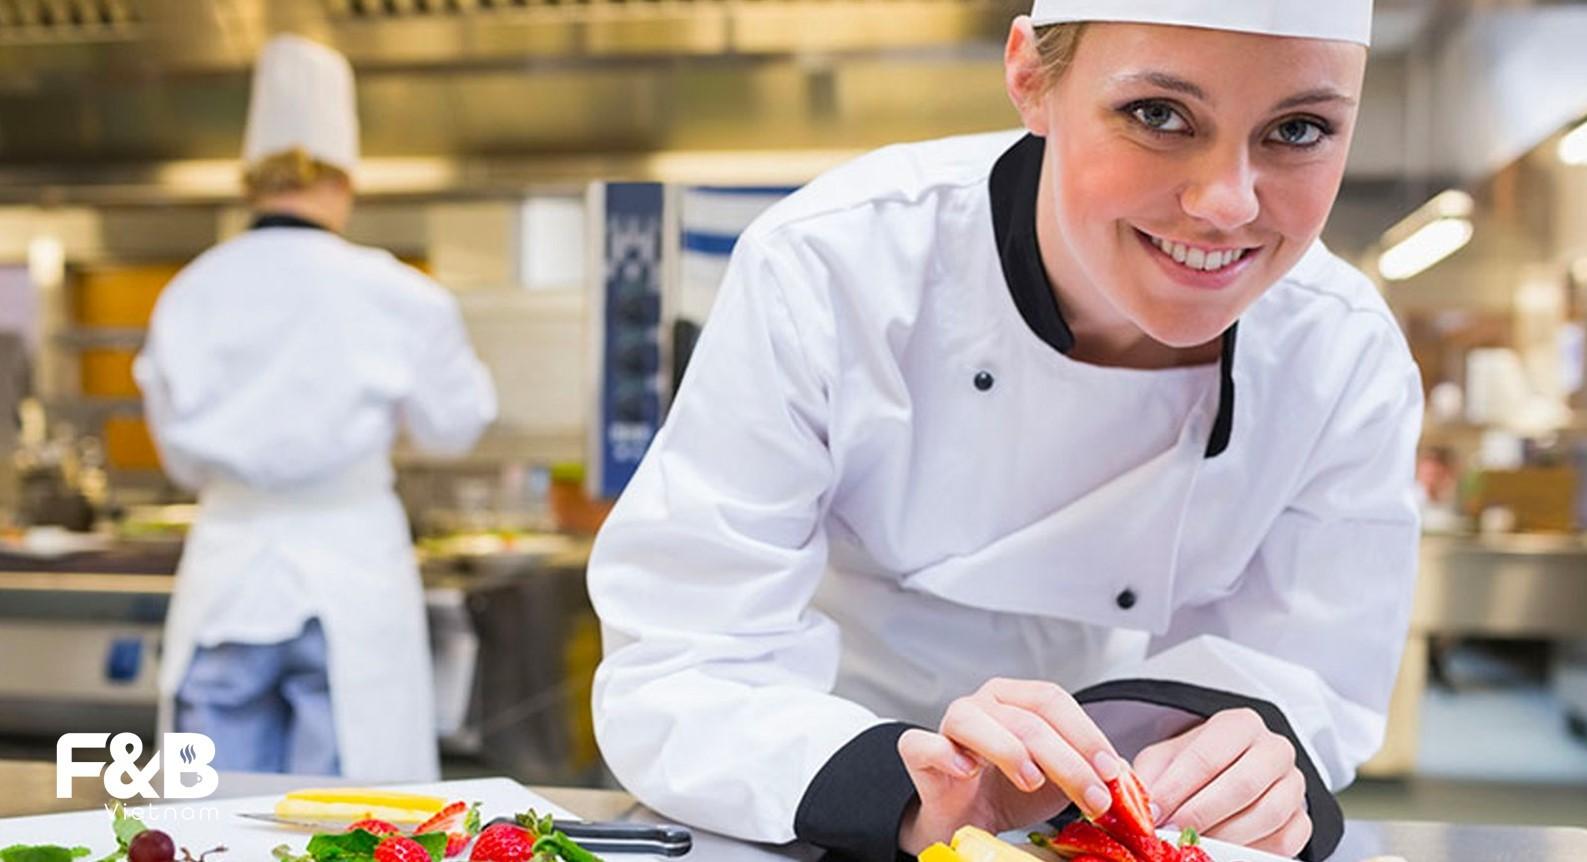 hình ảnh bếp nhà hàng - nội dung facebook nhà hàng